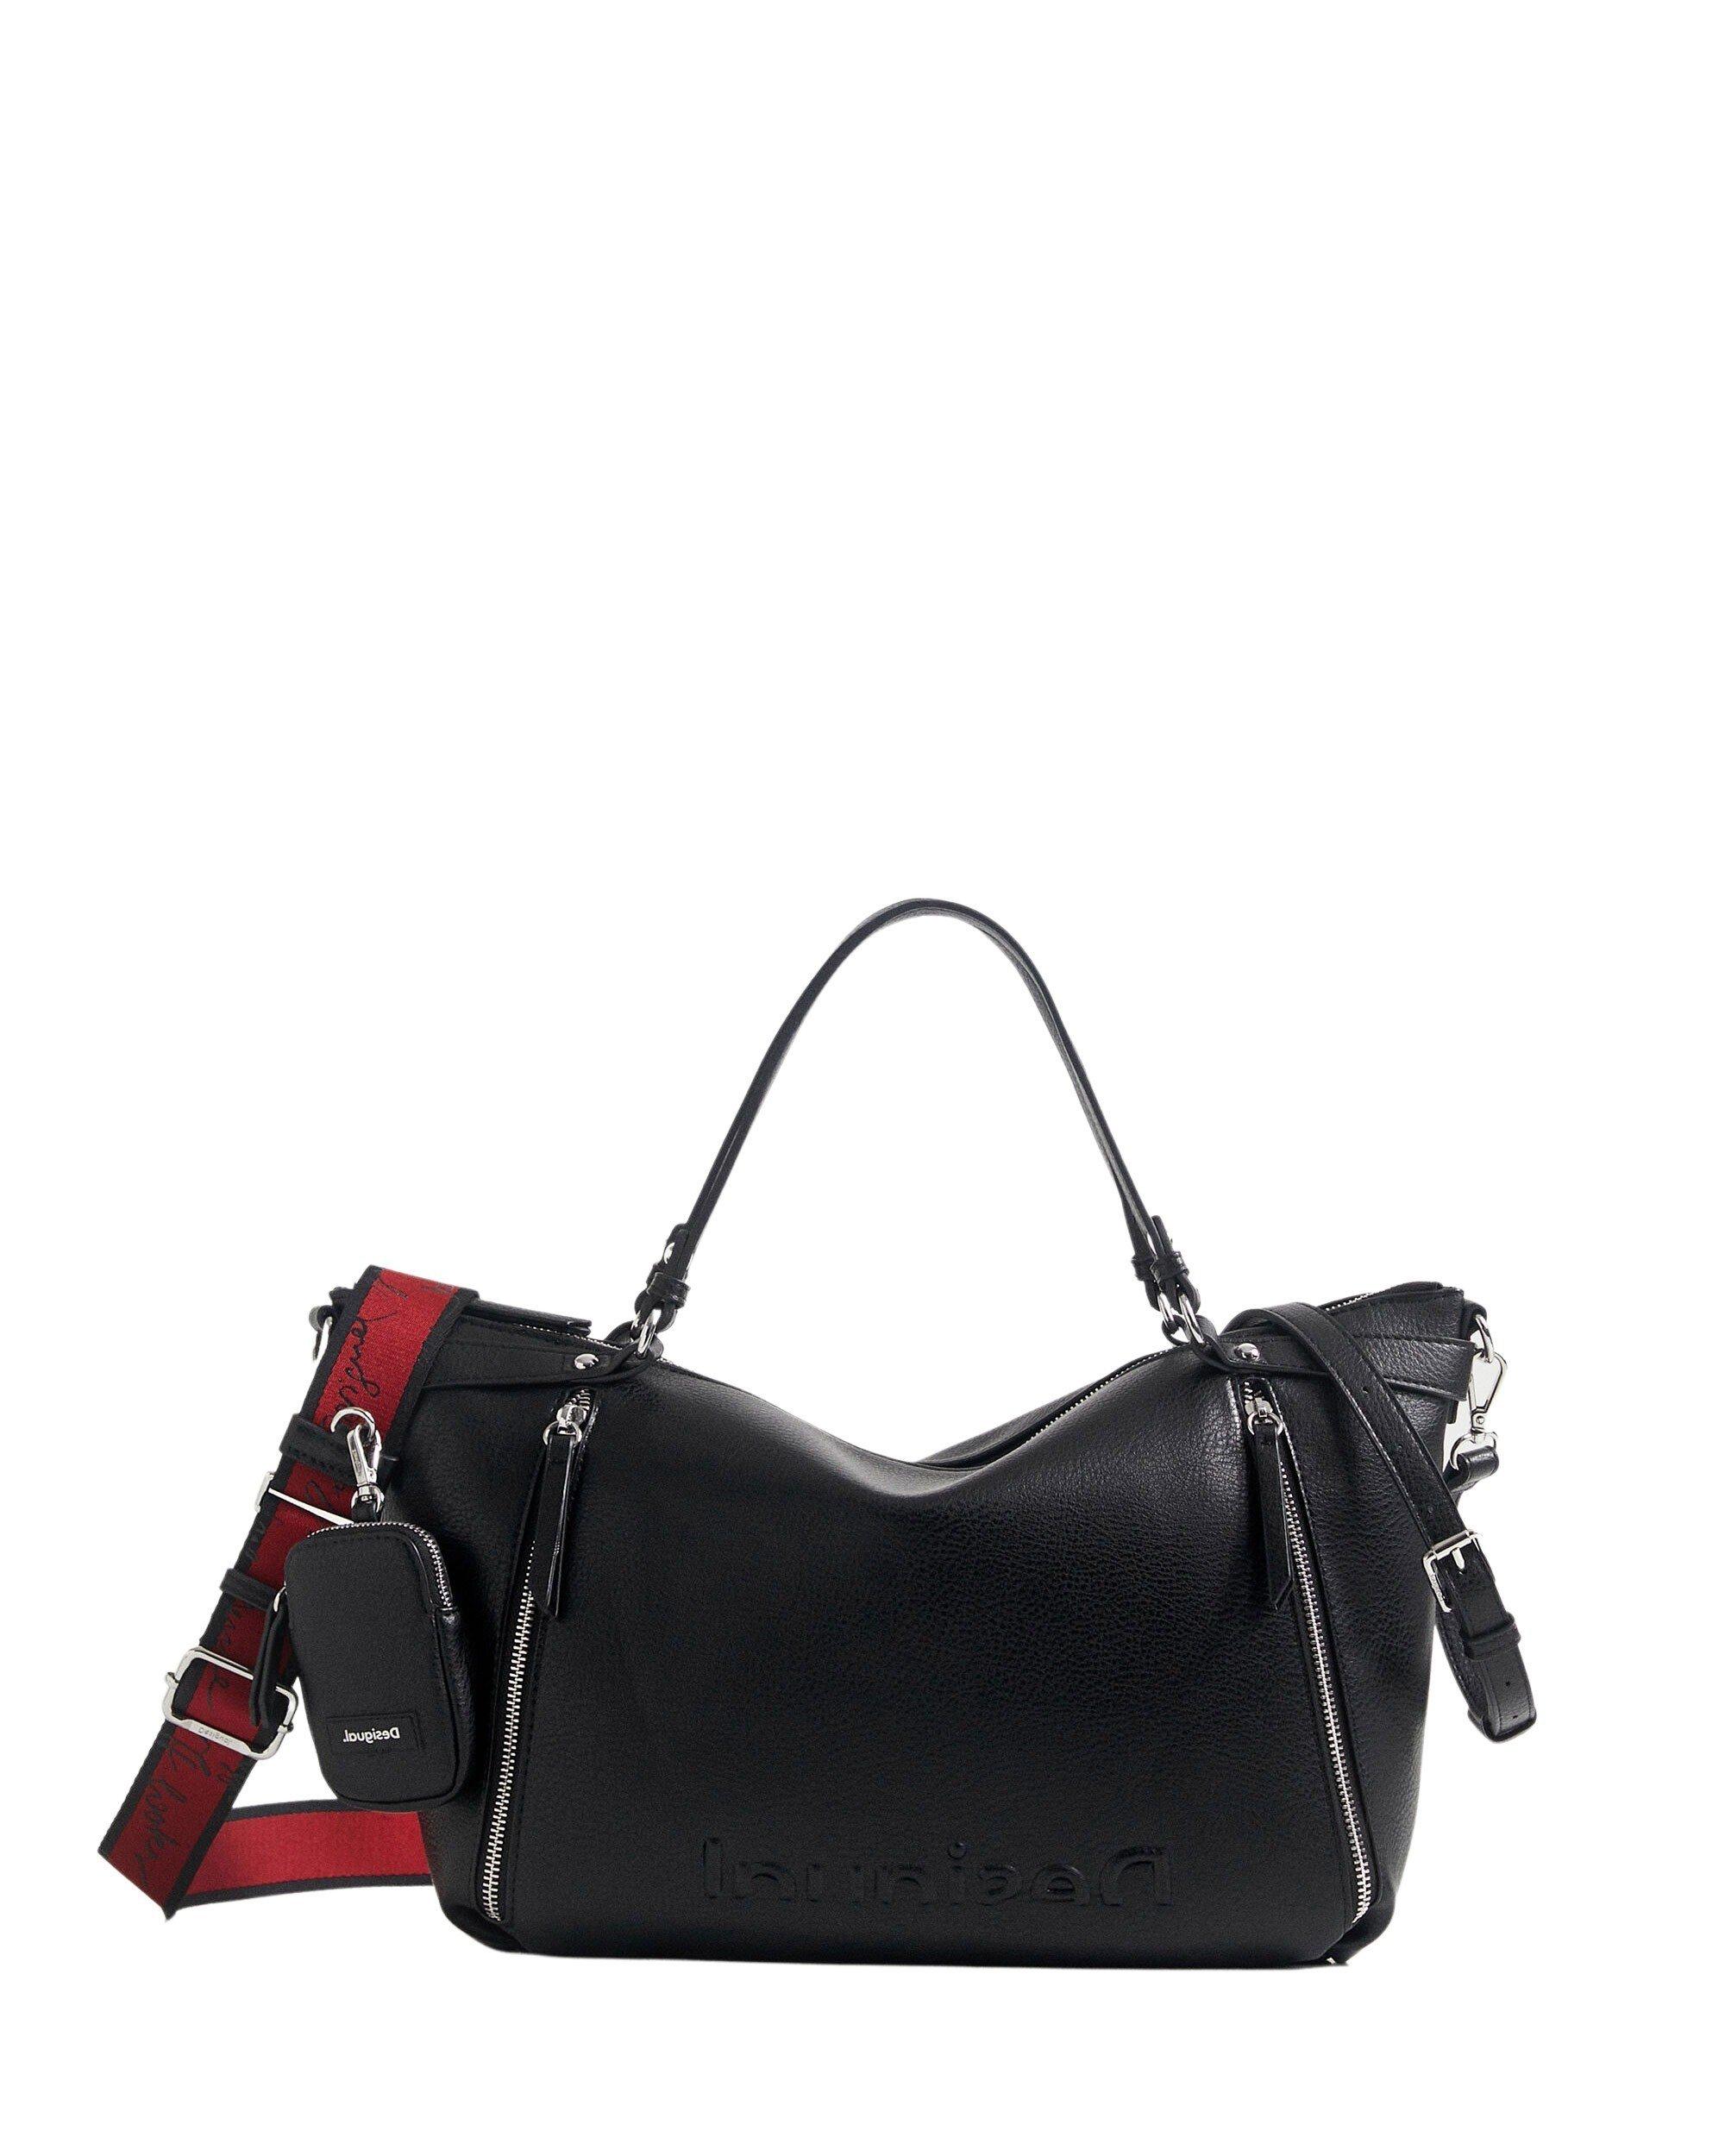 Desigual Women's Bag Various Colours 305170 - black UNICA